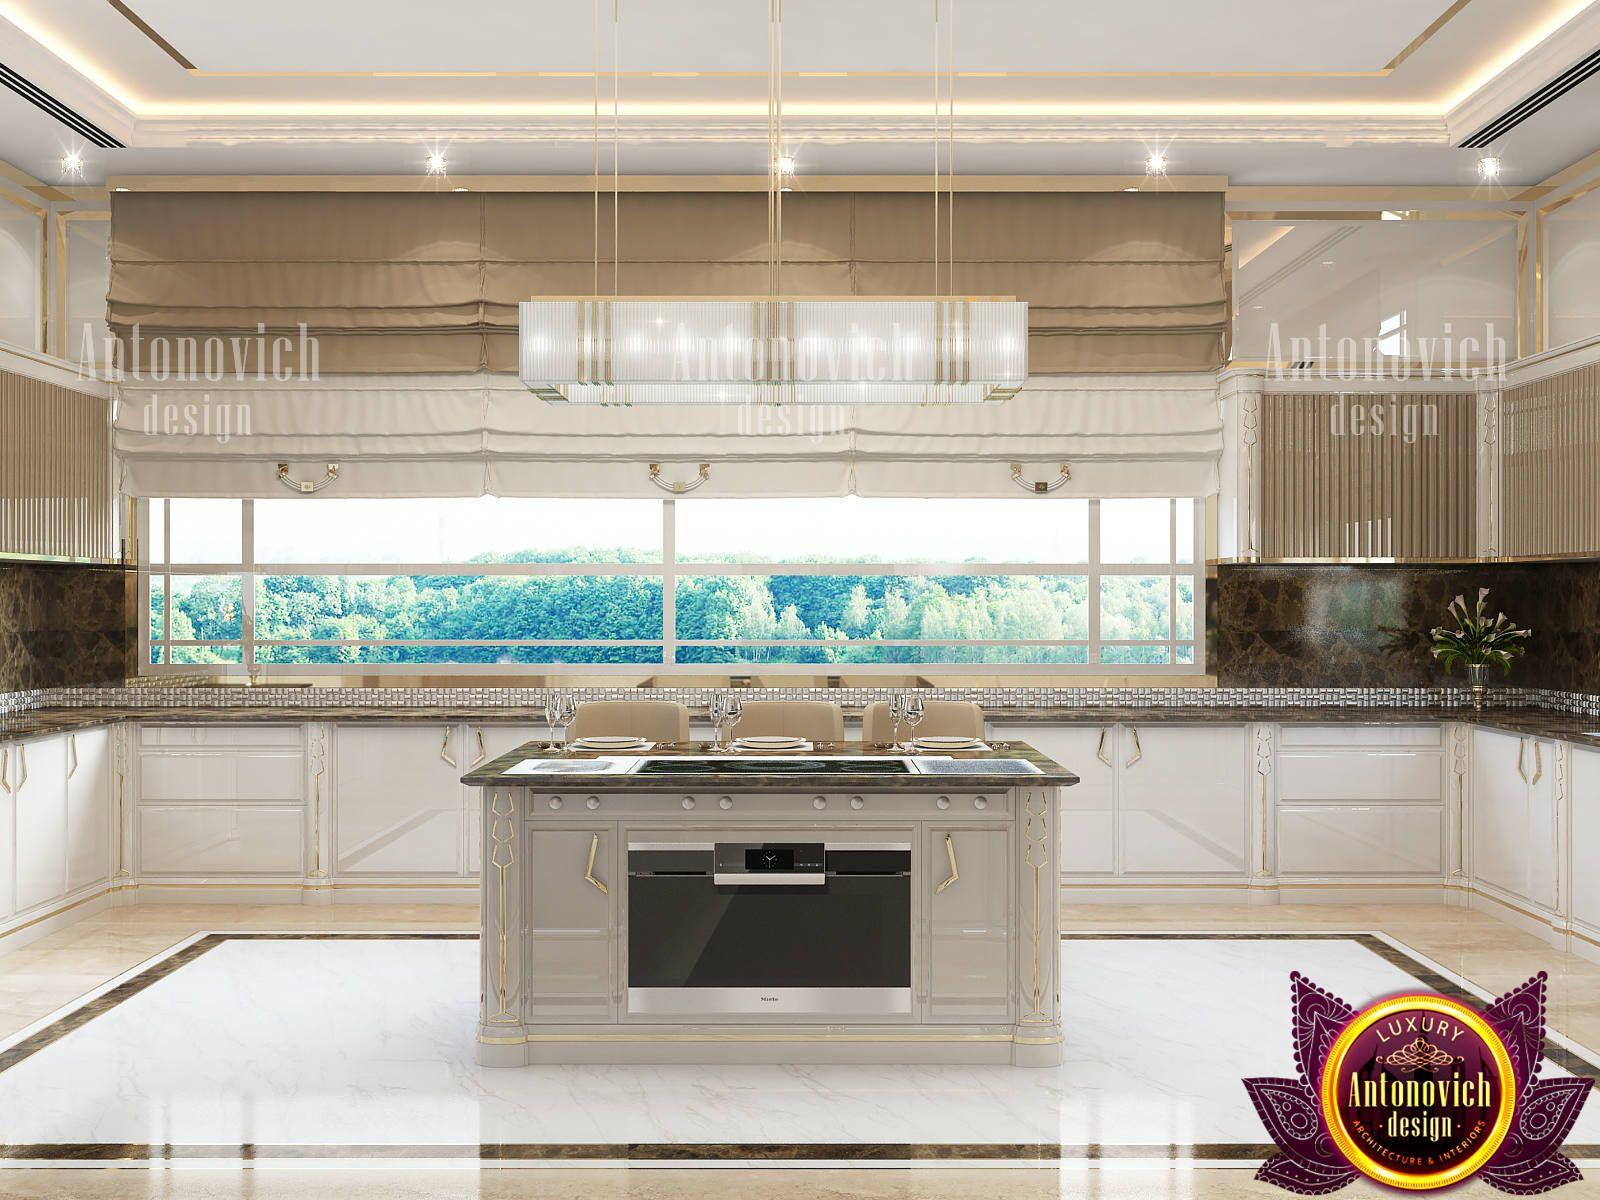 Kitchen Design In Modern Style From Luxury Antonovich Design